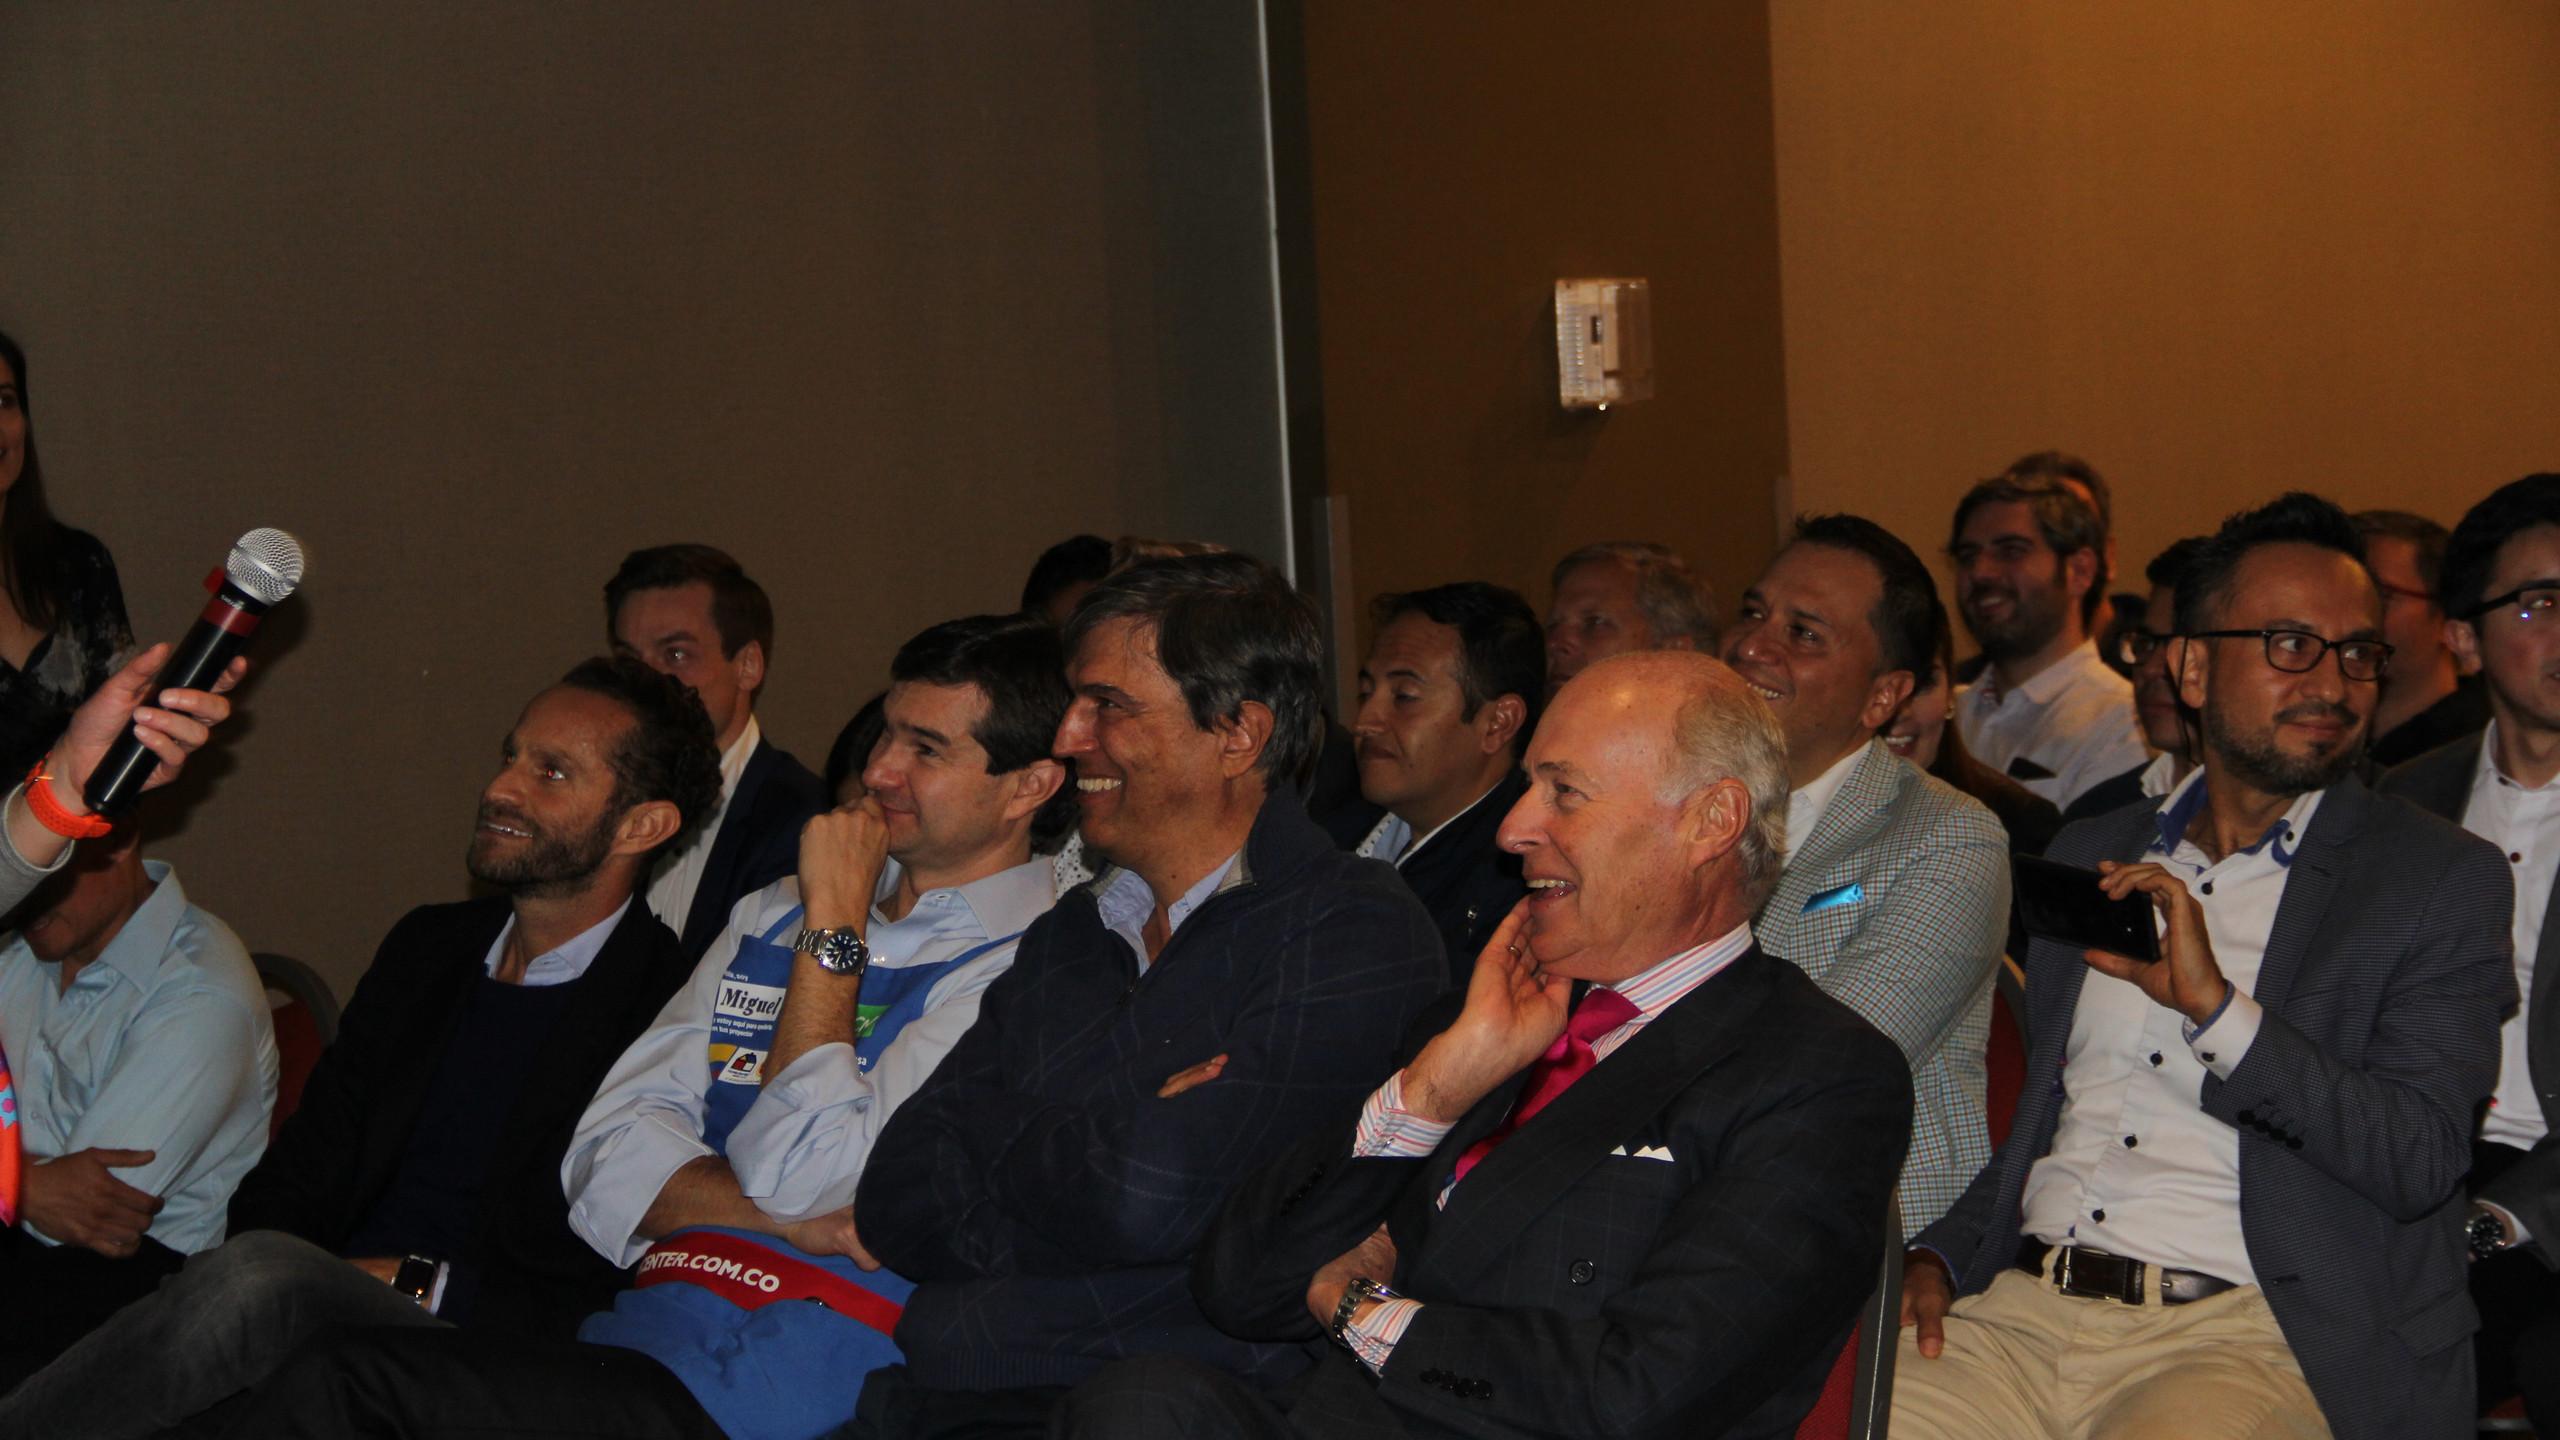 De derecha a izquierda: Julio Manuel Ayerbe, Presidente del Consejo Corporativo de la Organización Corona, Jaime Ángel, Presidente de Corona Industrial, y Miguel Pardo, Gerente General de Sodimac Colombia, escuchan las presentaciones de las startups que participaron en el 2do ciclo de la Aceleradora Sodimac Corona